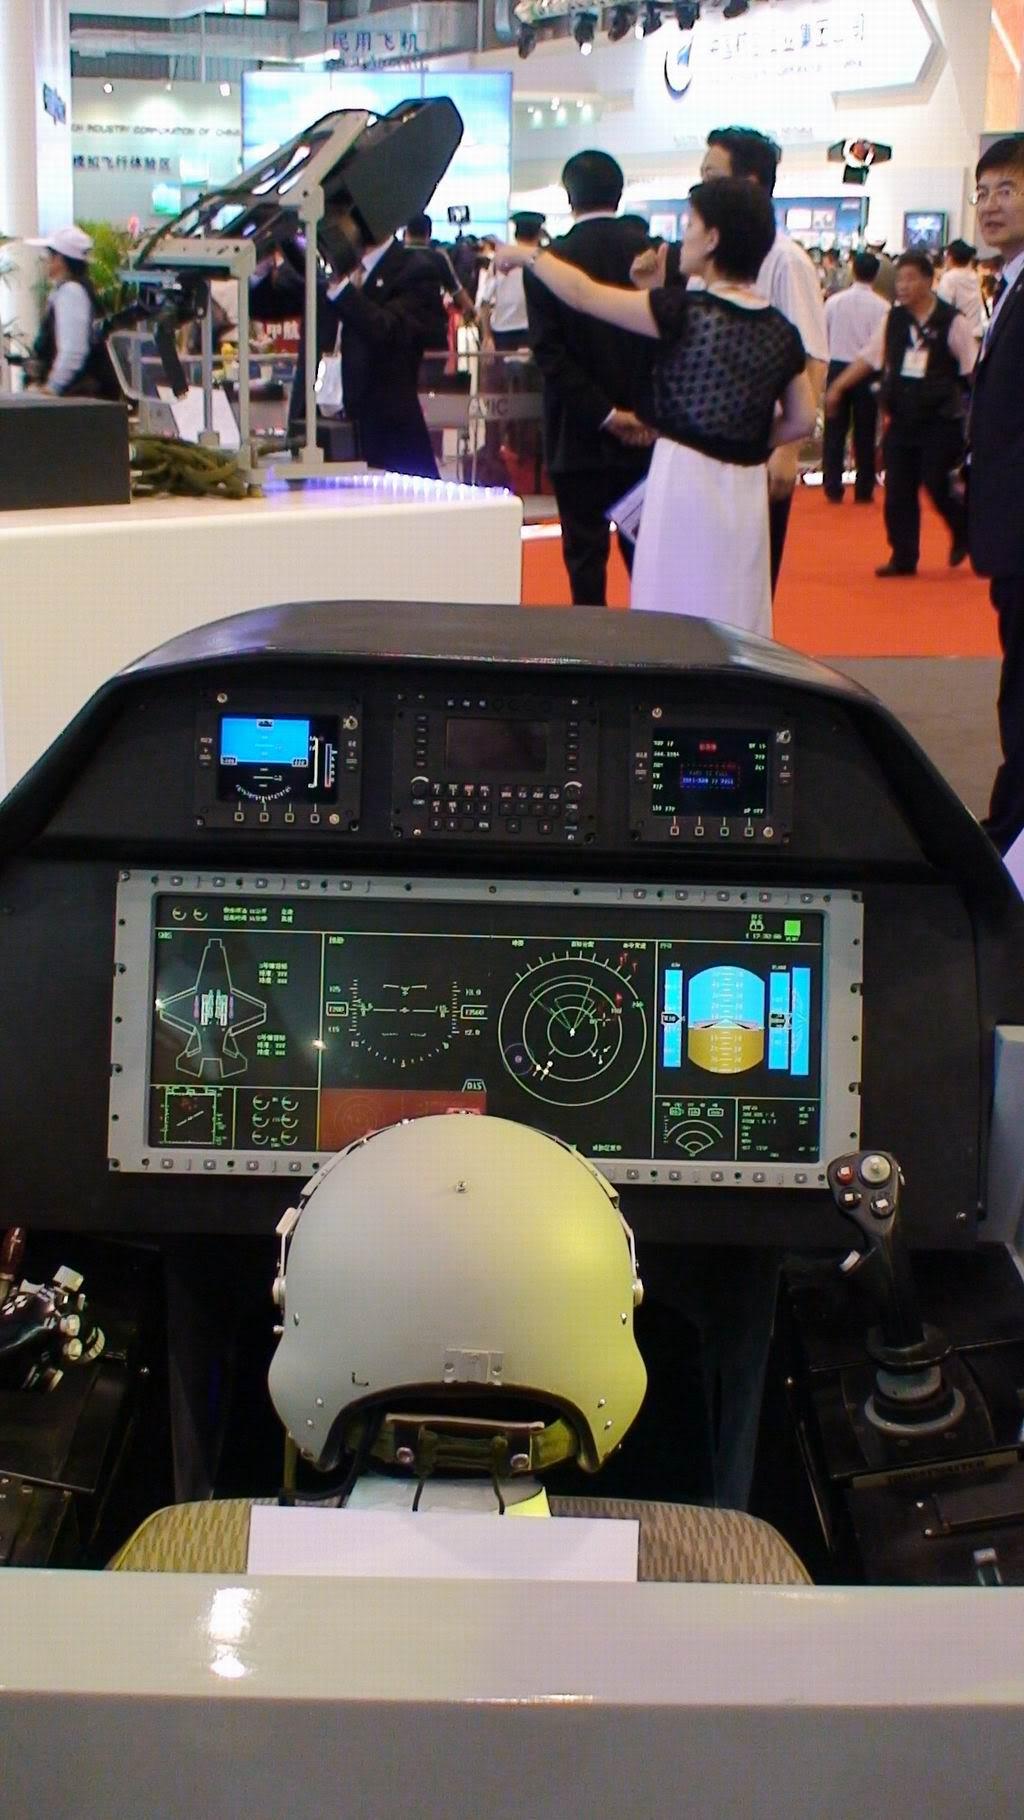 تأكيد صفقة الجي اف-17 المصرية ونفي الميج-29 - صفحة 3 Display2